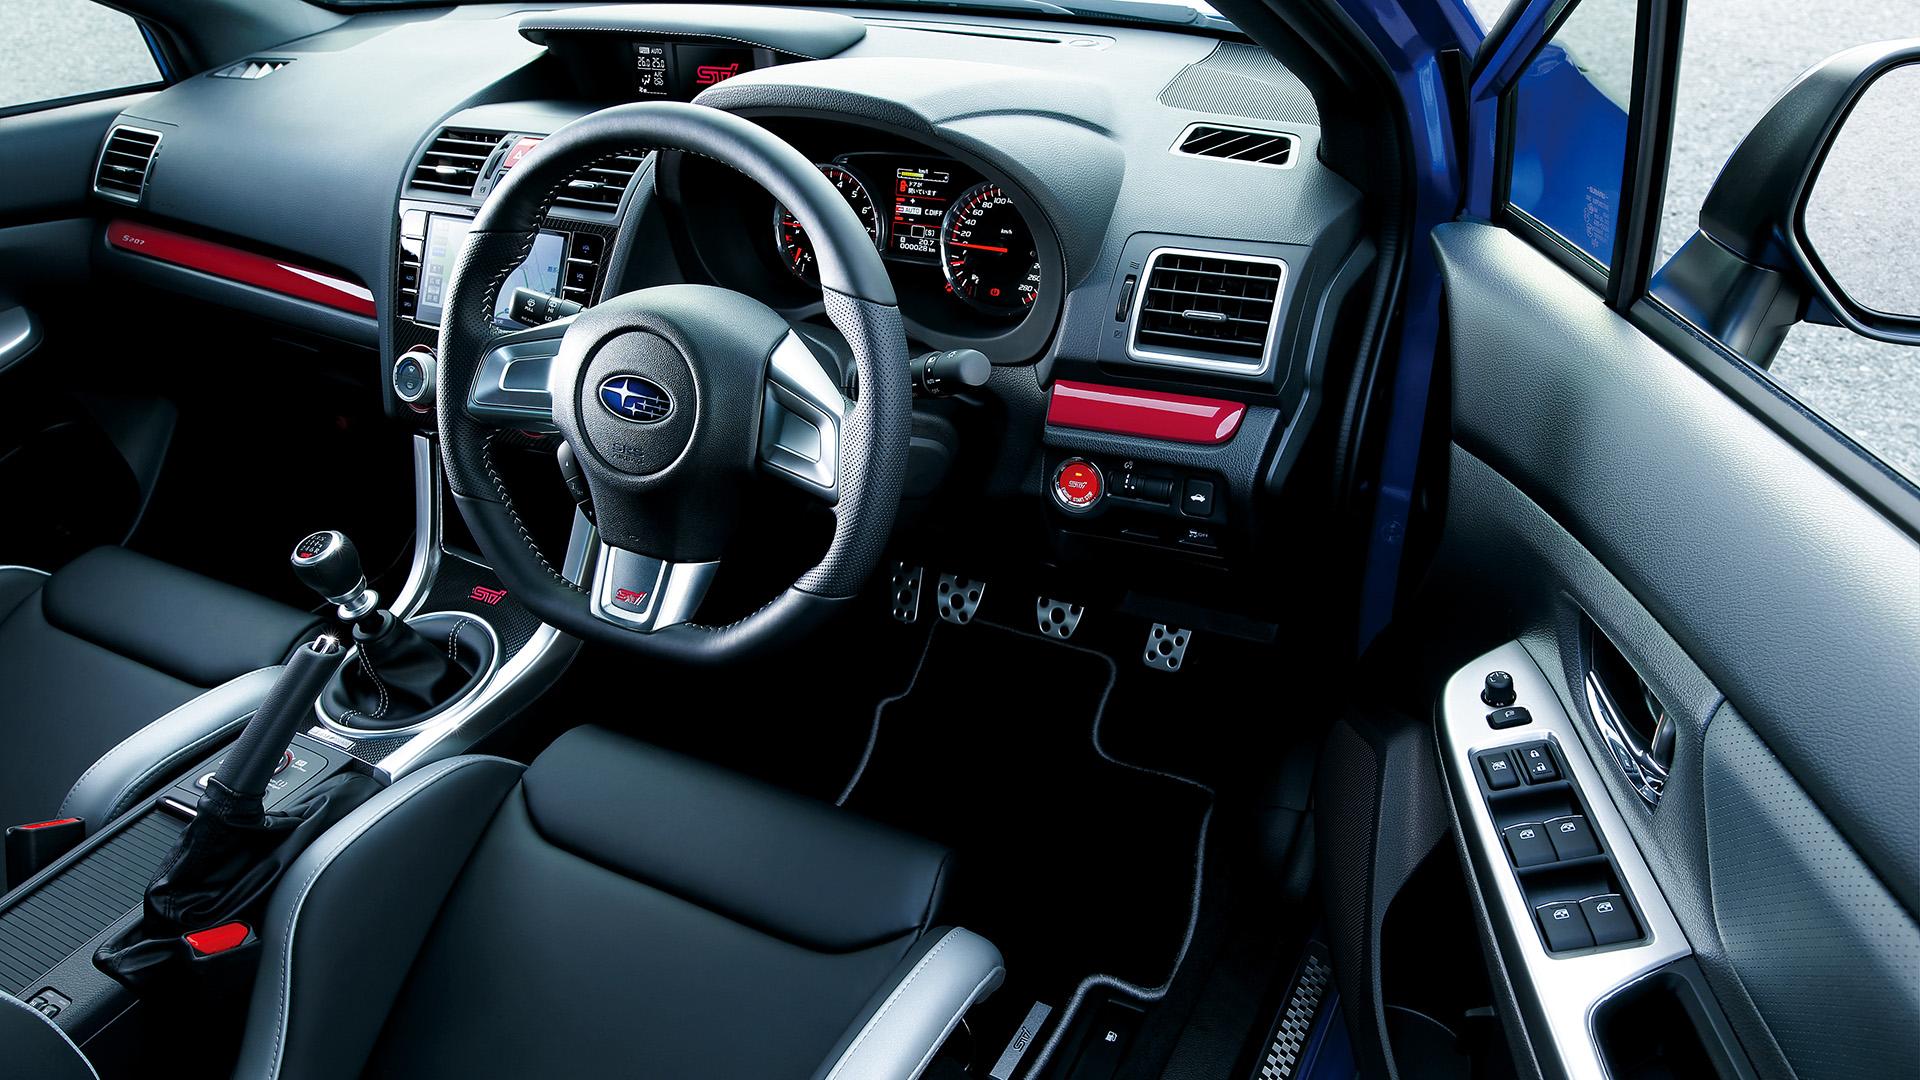 Subaru WRC STI - S207 - 2016 - intérieur / interior